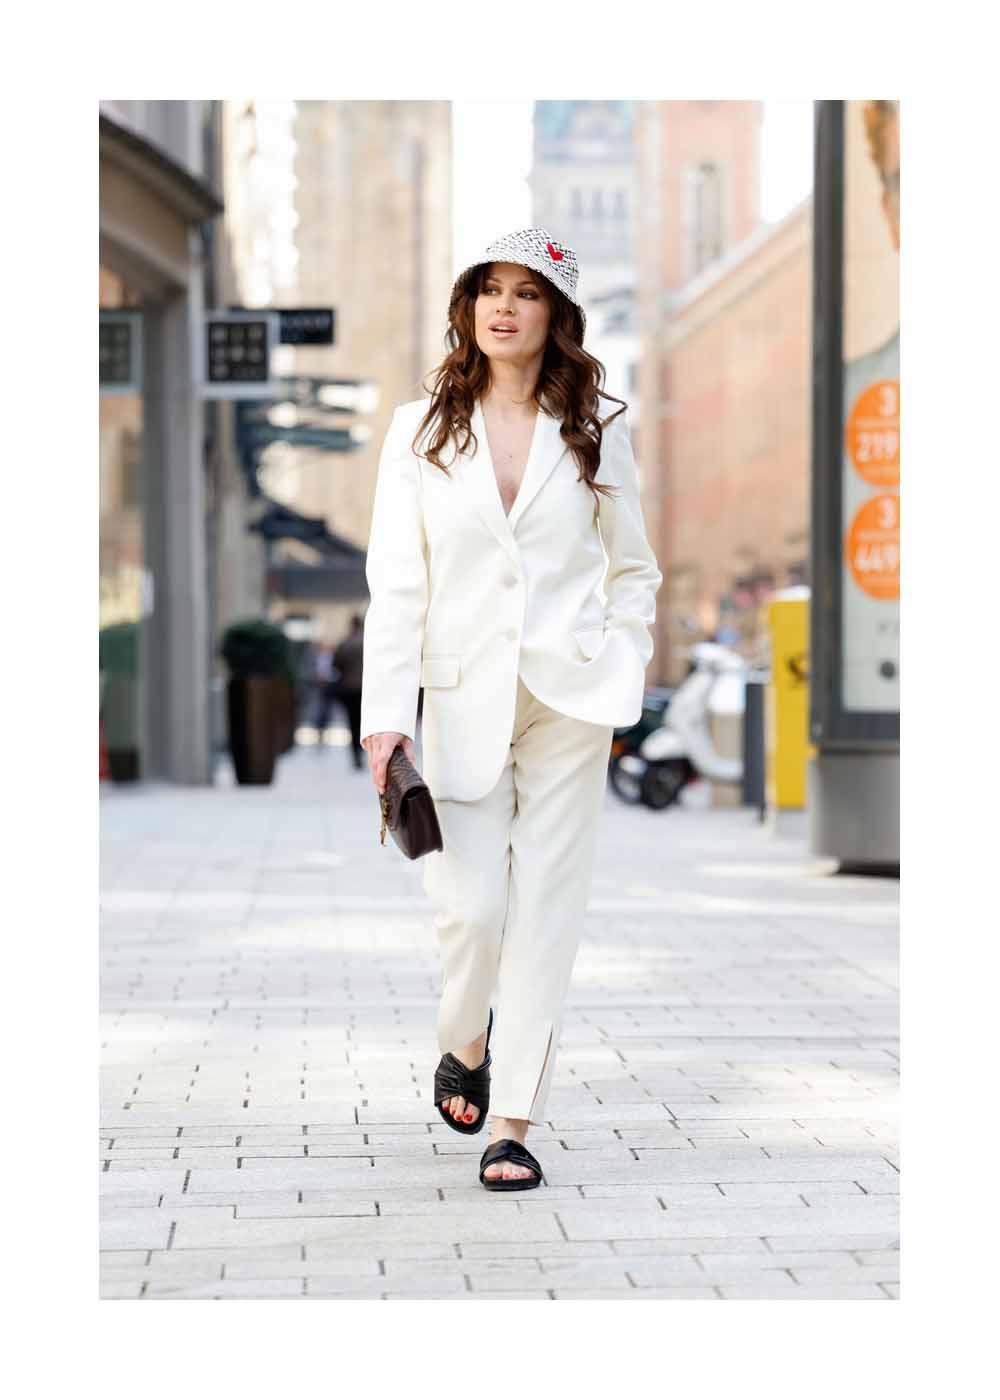 Streetstyle Shooting mit Schauspielerin Natalia Avelon